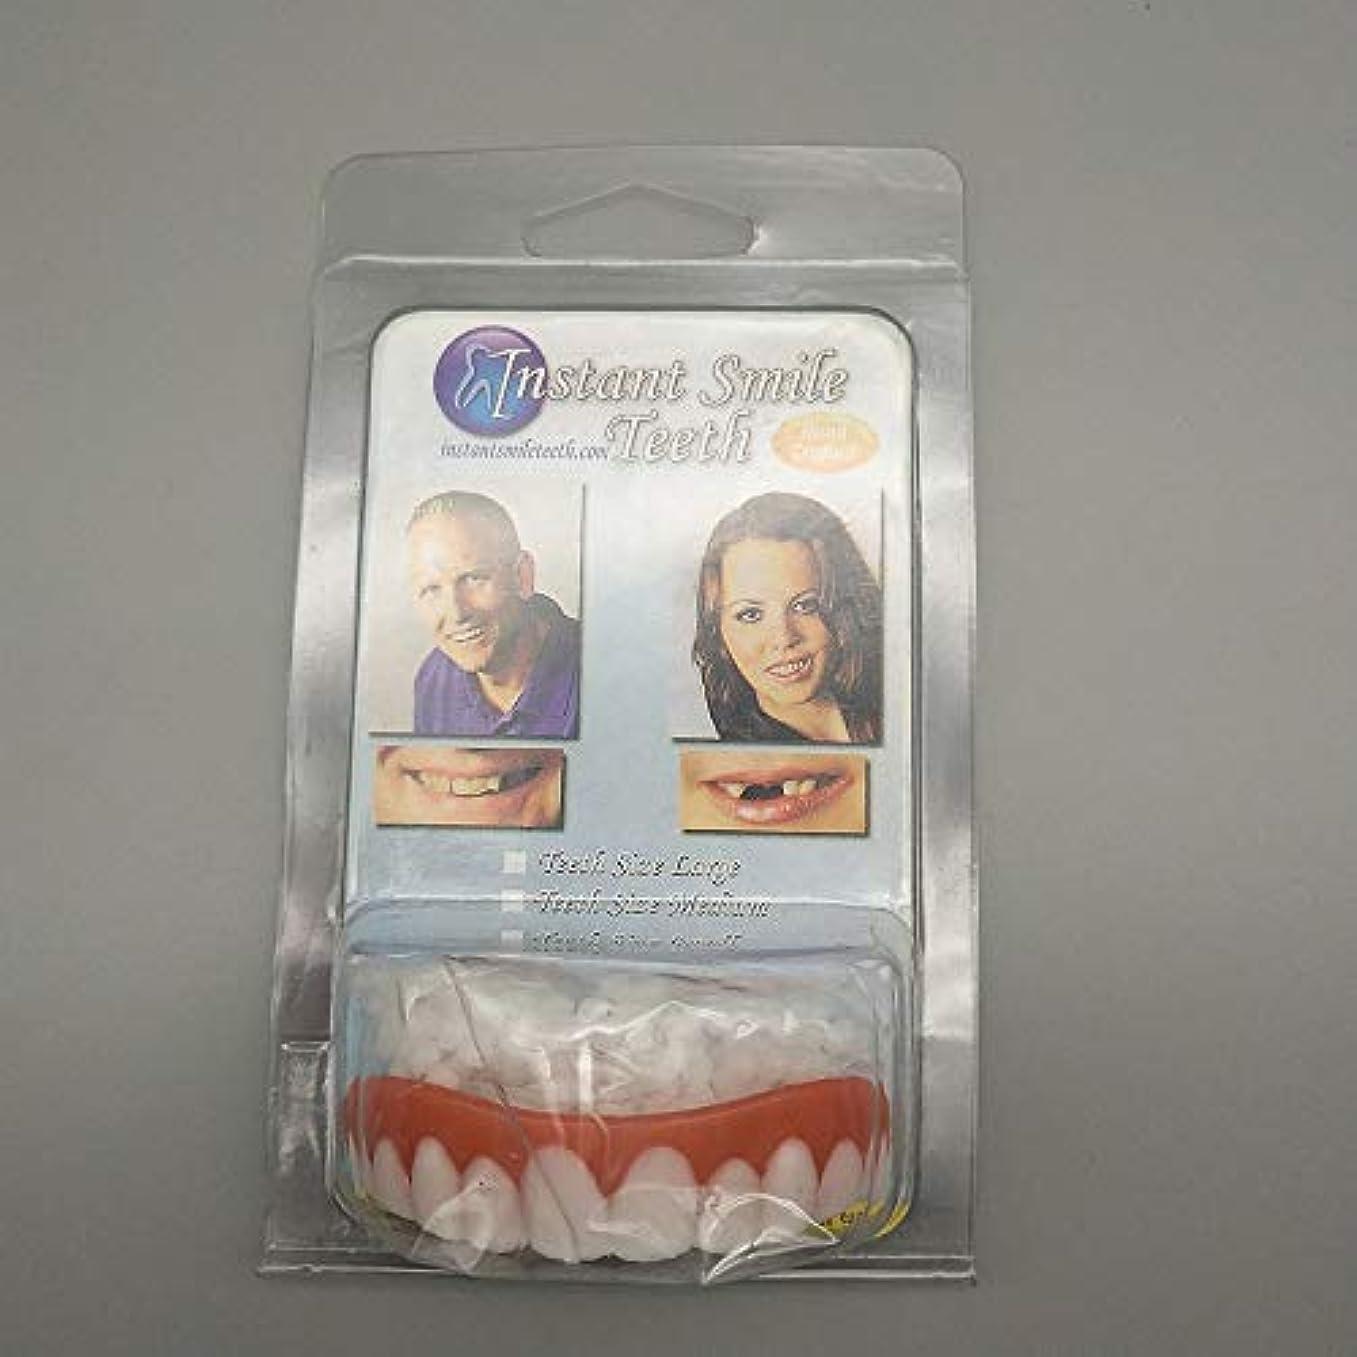 暴君ブラインド完全に乾くシリコーンシミュレーション歯ブレース、ホワイトニング義歯,Lower,OPP